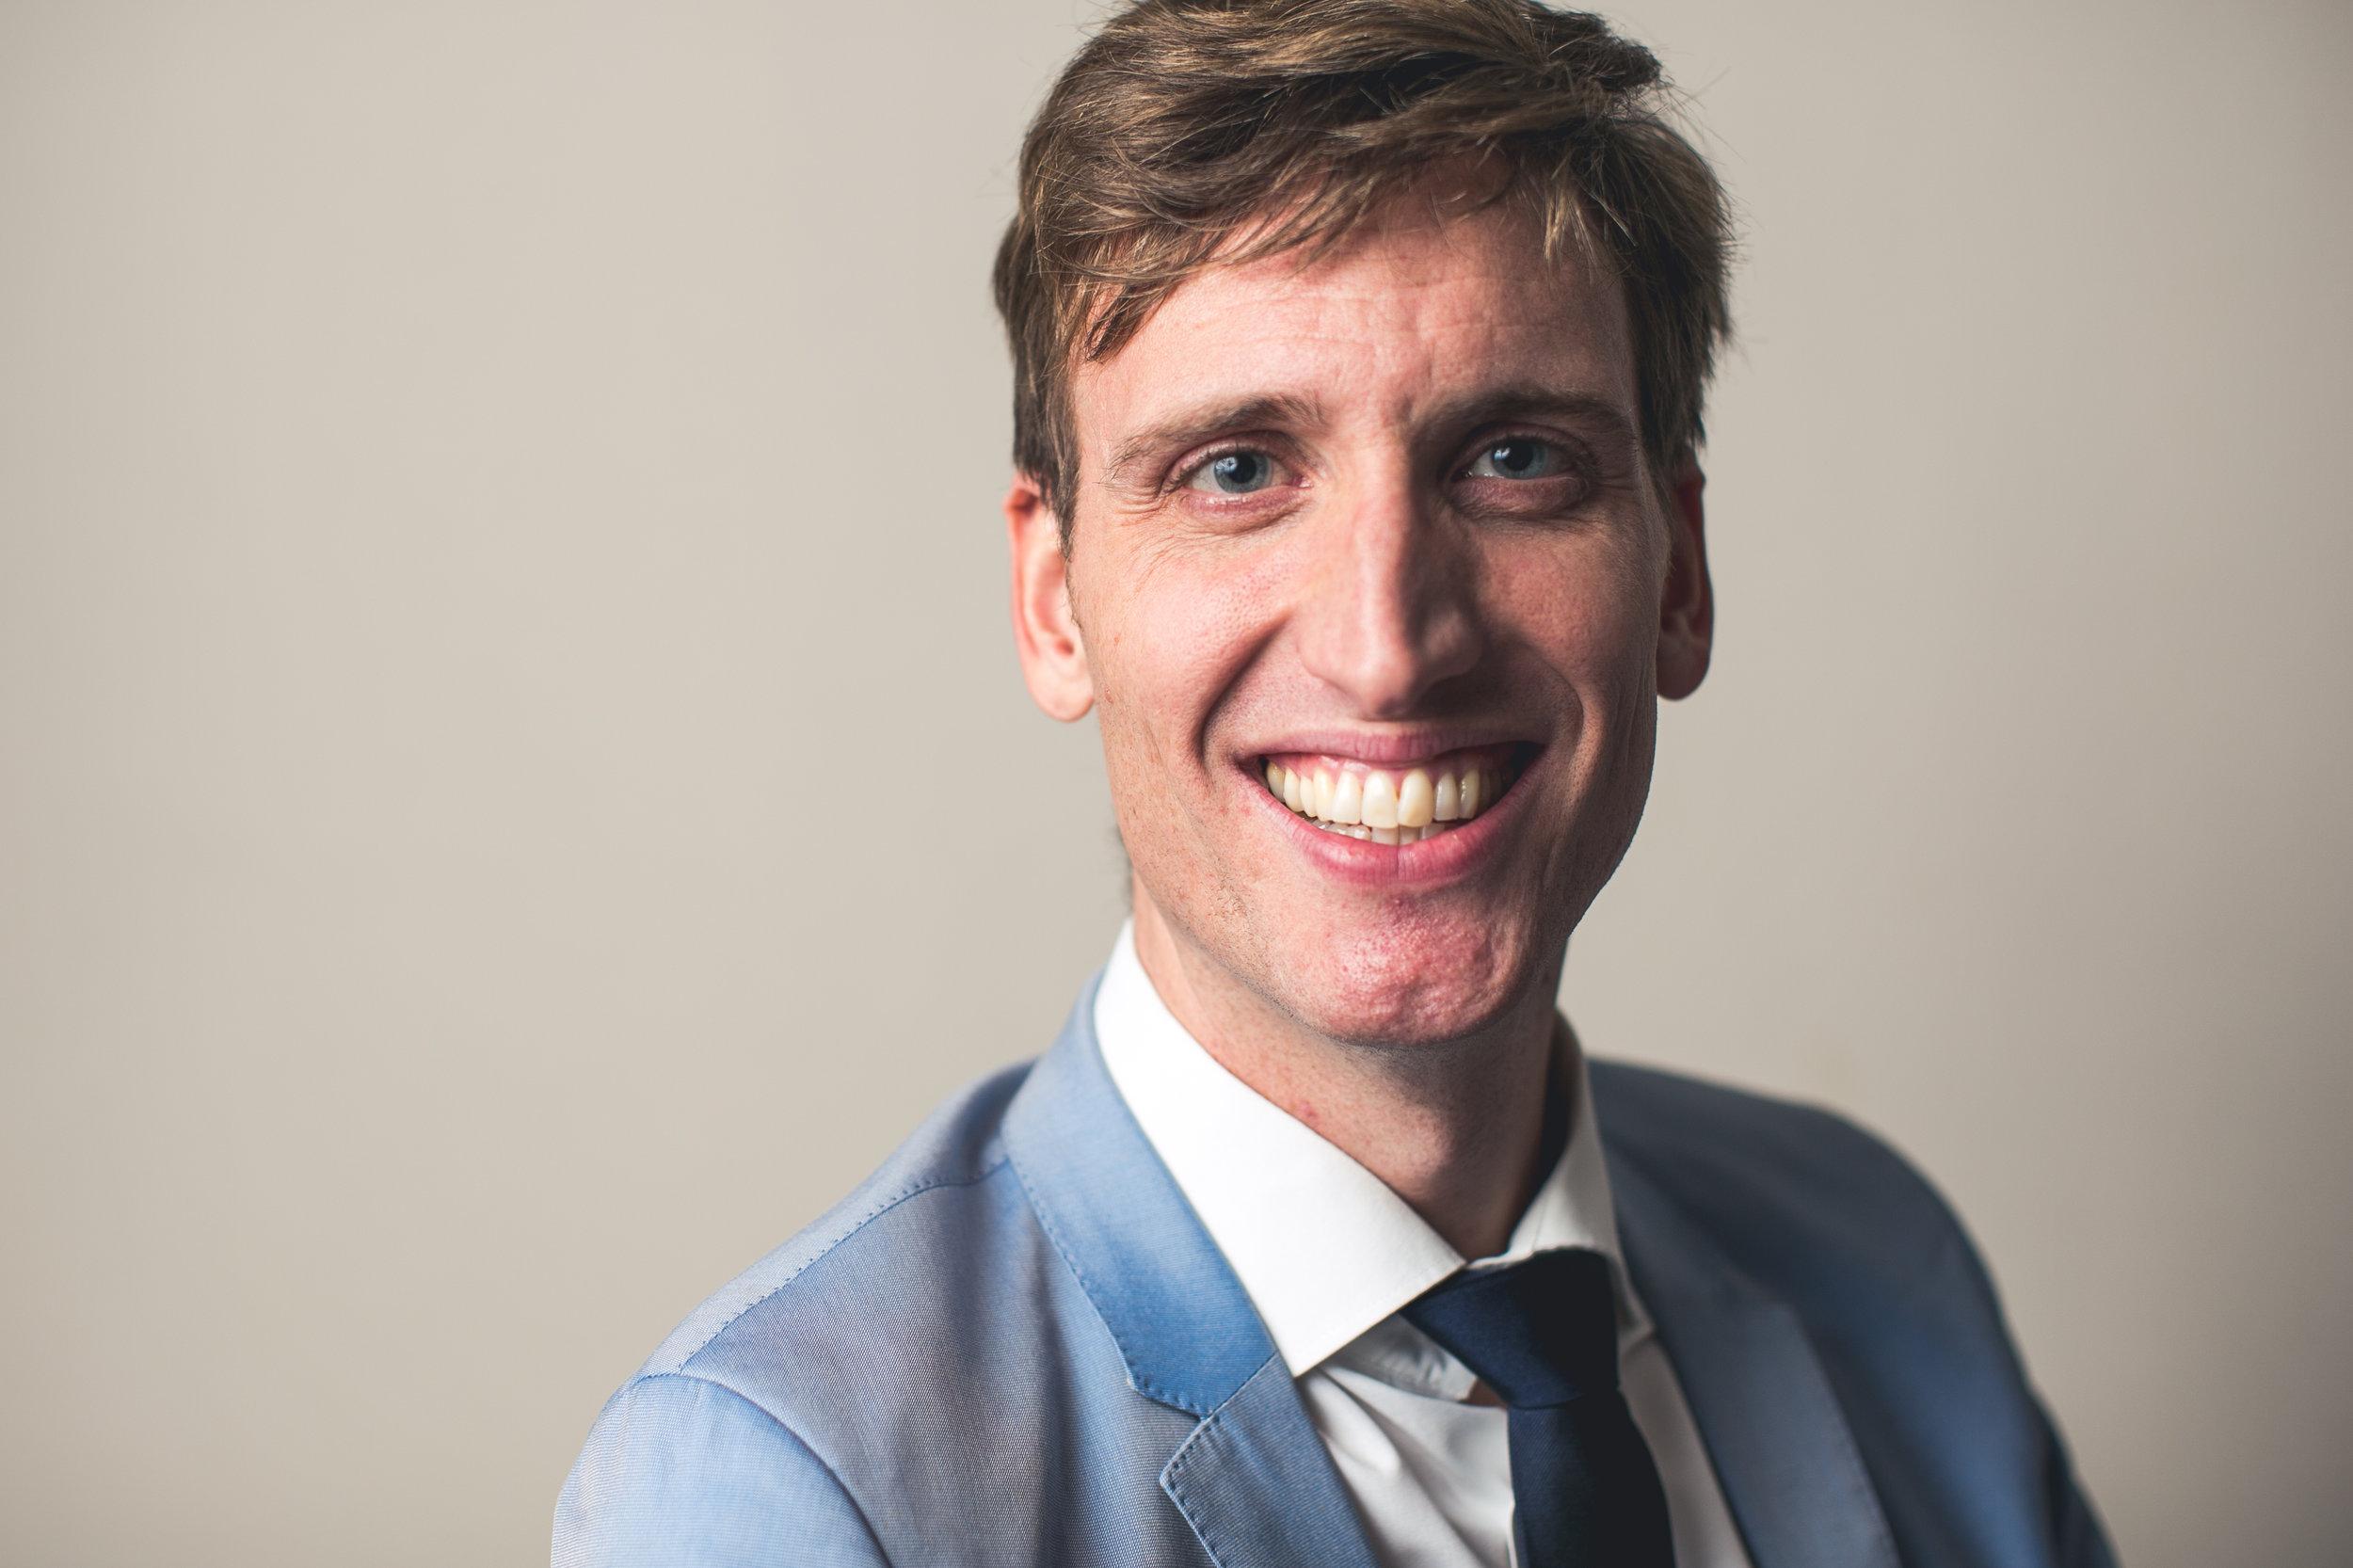 specialisatie: heup, kinderheup, traumatologie - Dr. Jan Vanderstappen studeerde geneeskunde aan de KU Leuven. In 2016 behaalde hij zijn erkenning als orthopedisch chirurg. In 2016-2017 deed hij fellowships in het AZ Nikolaas (dr. De Schepper), ZOL Genk (Prof. Corten), AZ Herentals (dr. Bataillie) en Sonnenhof Spital Bern - Zwitserland (Prof. Nötzli).In 2017-2018 verbleef hij in Toronto (Canada), waar hij zich verder bekwaamde in de complexe prothesechirurgie van de heup (dr. Gross), alsook in de kinderheup pathologie en kindertraumatologie (dr. Gargan en dr. Kelly).Dr. Vanderstappen focust zich op prothesechirurgie van de heup (inclusief de anterieure approach), heupsparende chirurgie, pediatrische heuppathologie en algemene en pediatrische traumatologie.Hij is lid van de BHS (Belgian Hip Society), de EHS (European Hip Society) en de BVOT (Belgische Vereniging voor Orthopedie en Traumatologie).